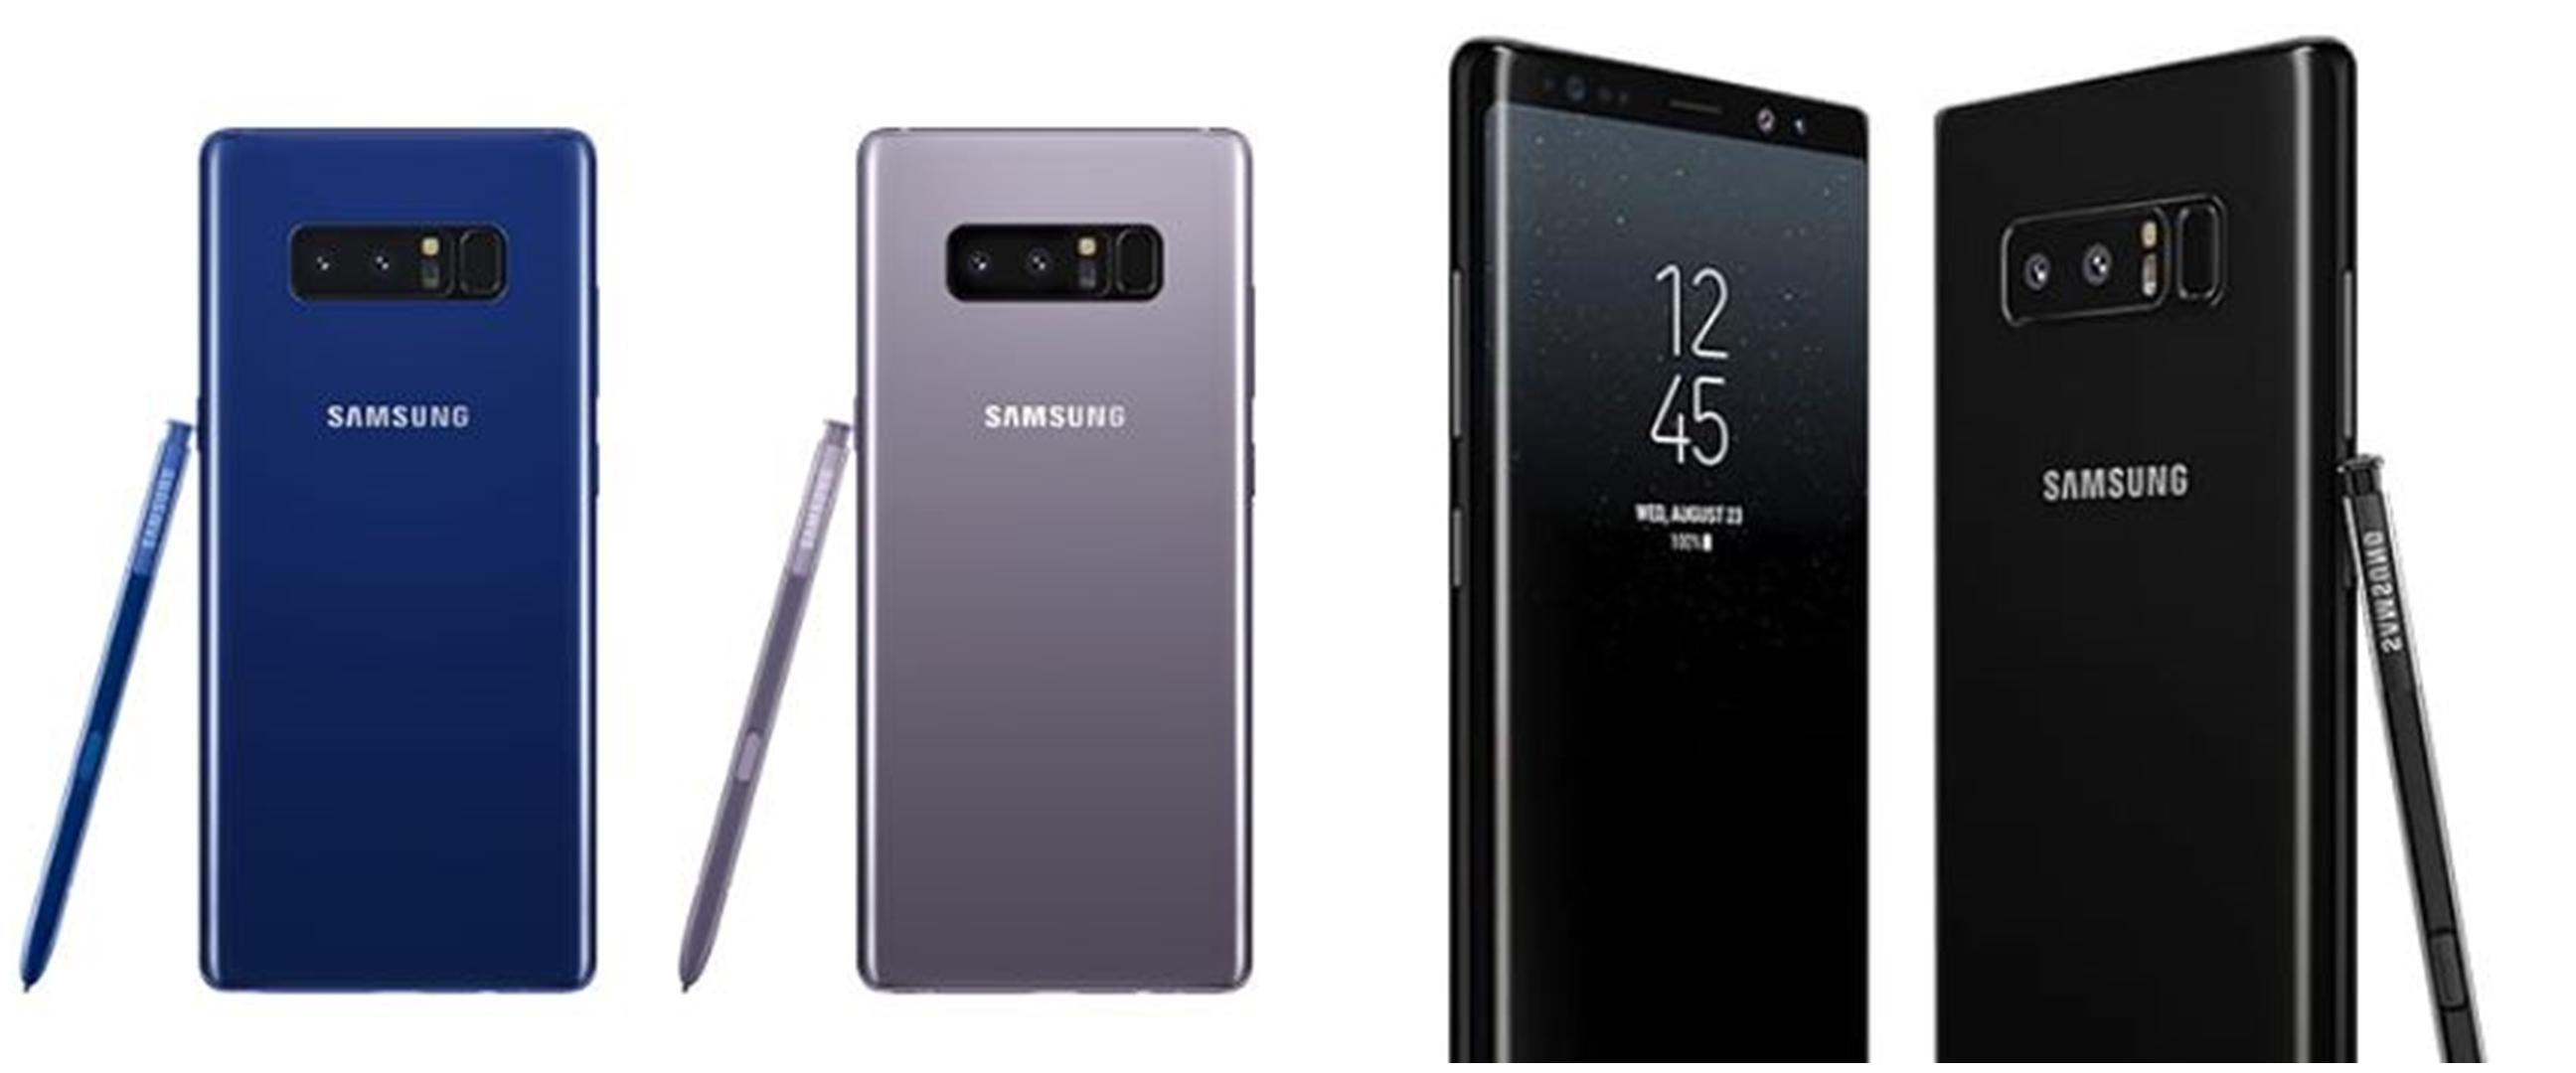 Harga Samsung Note8 serta spesifikasi, kelebihan, dan kekurangannya